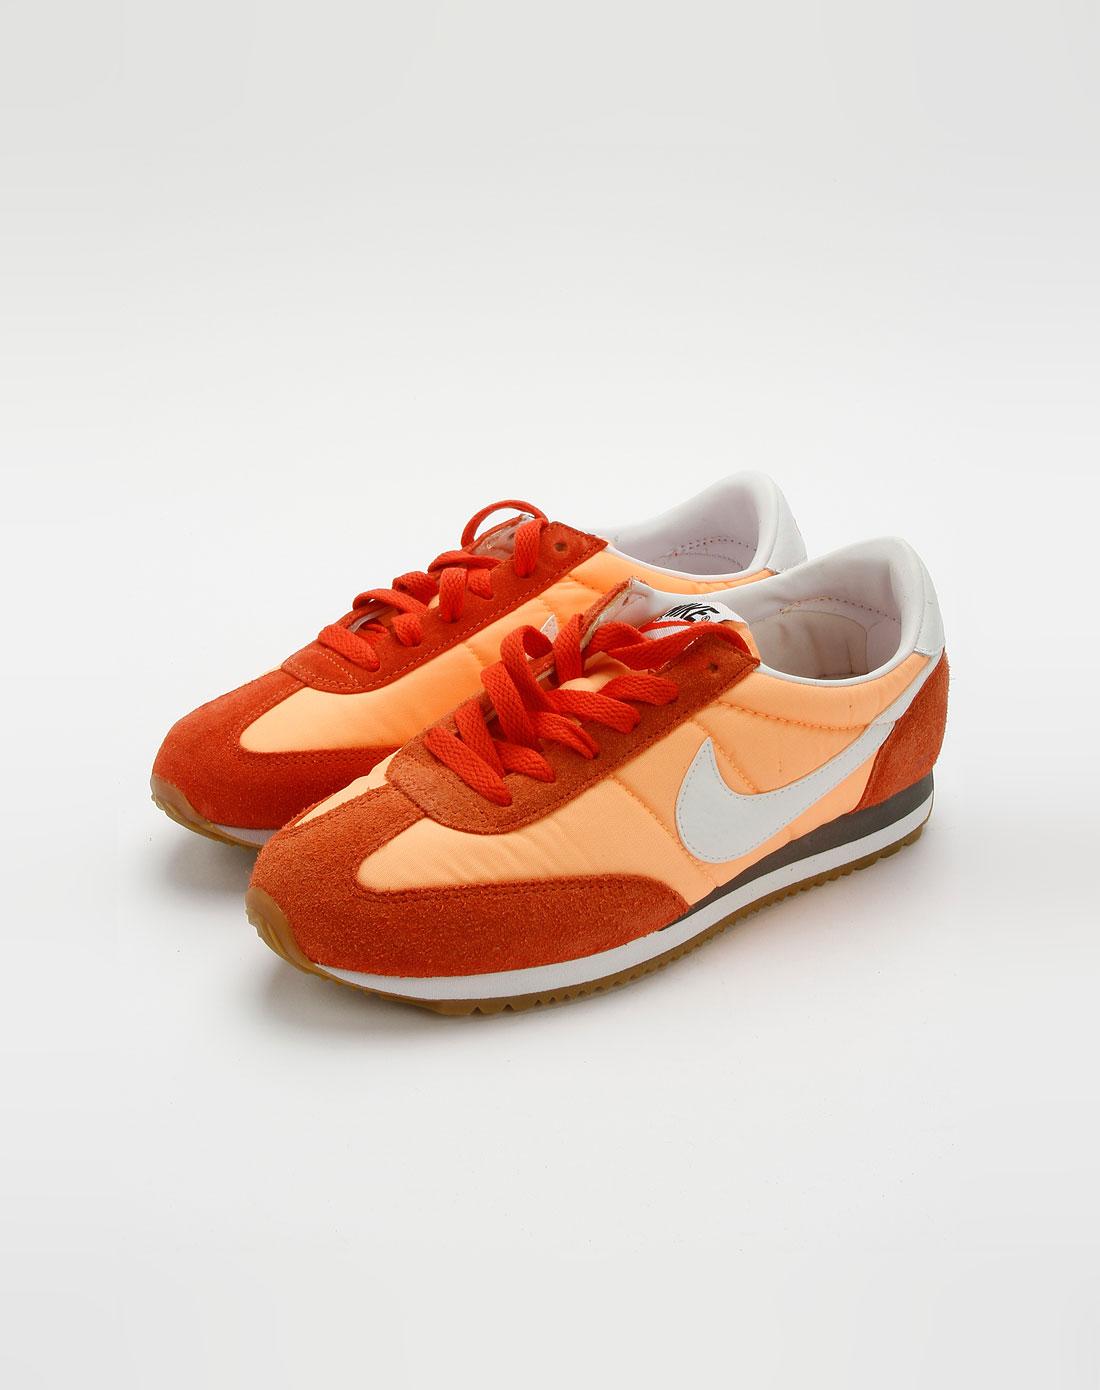 耐克nike360桃黄色时尚经典运动鞋307165-800